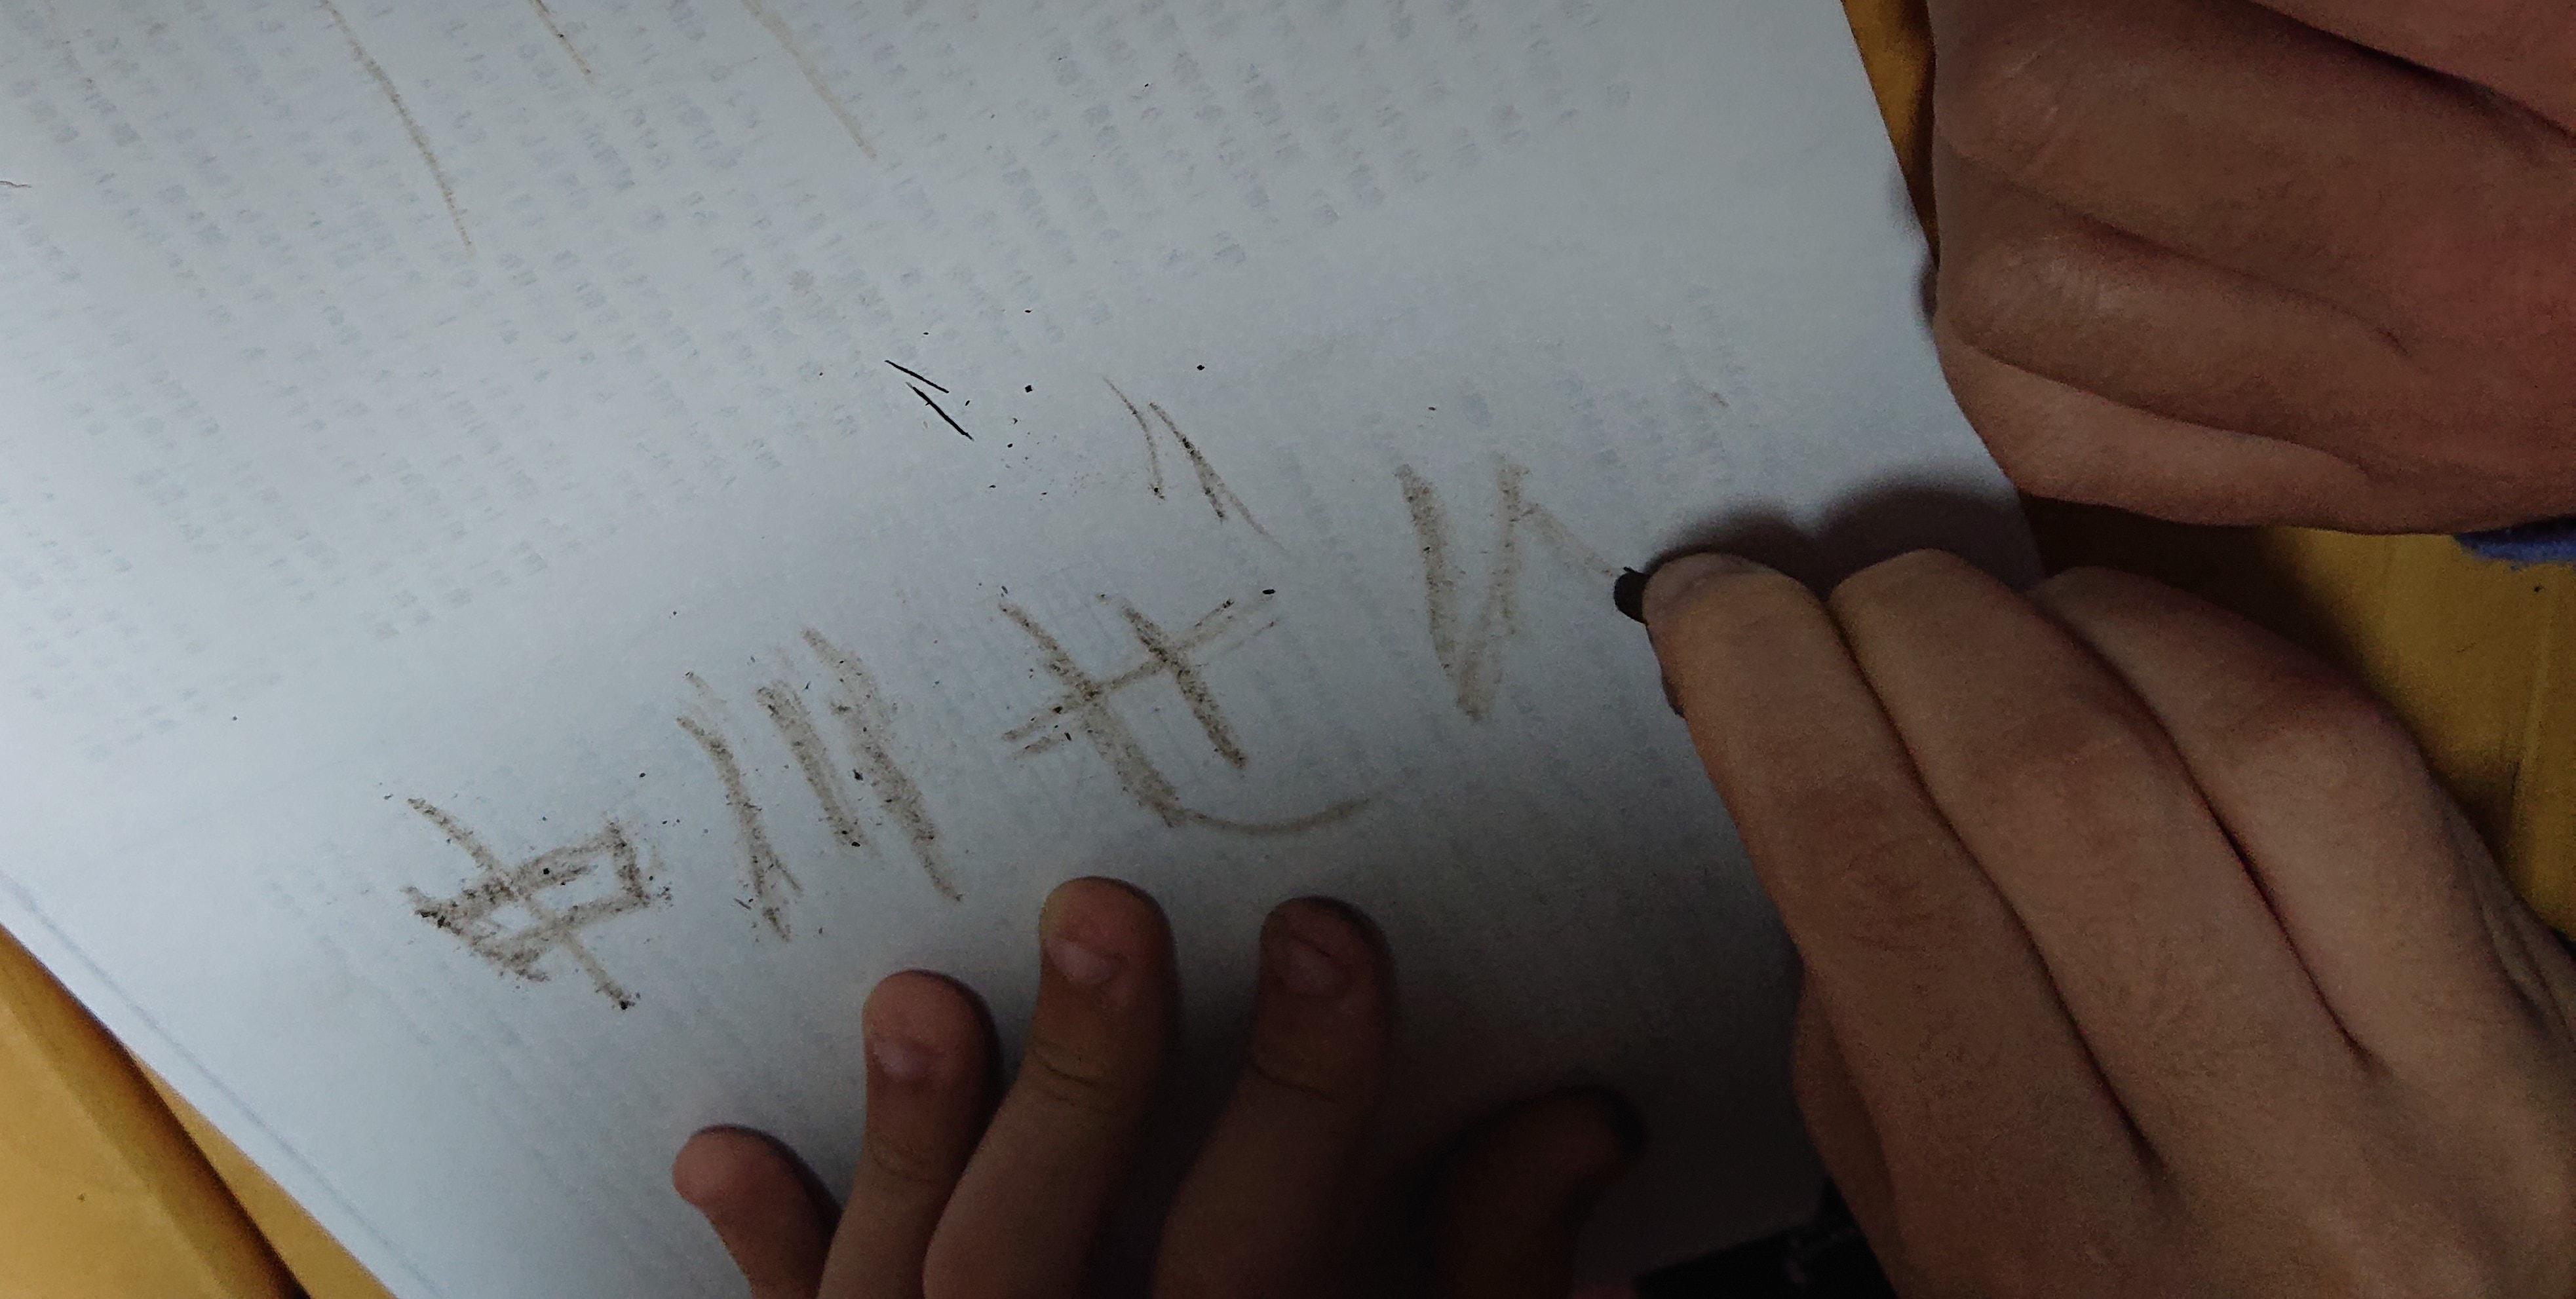 字を書ける燃えかすの正体を探れ